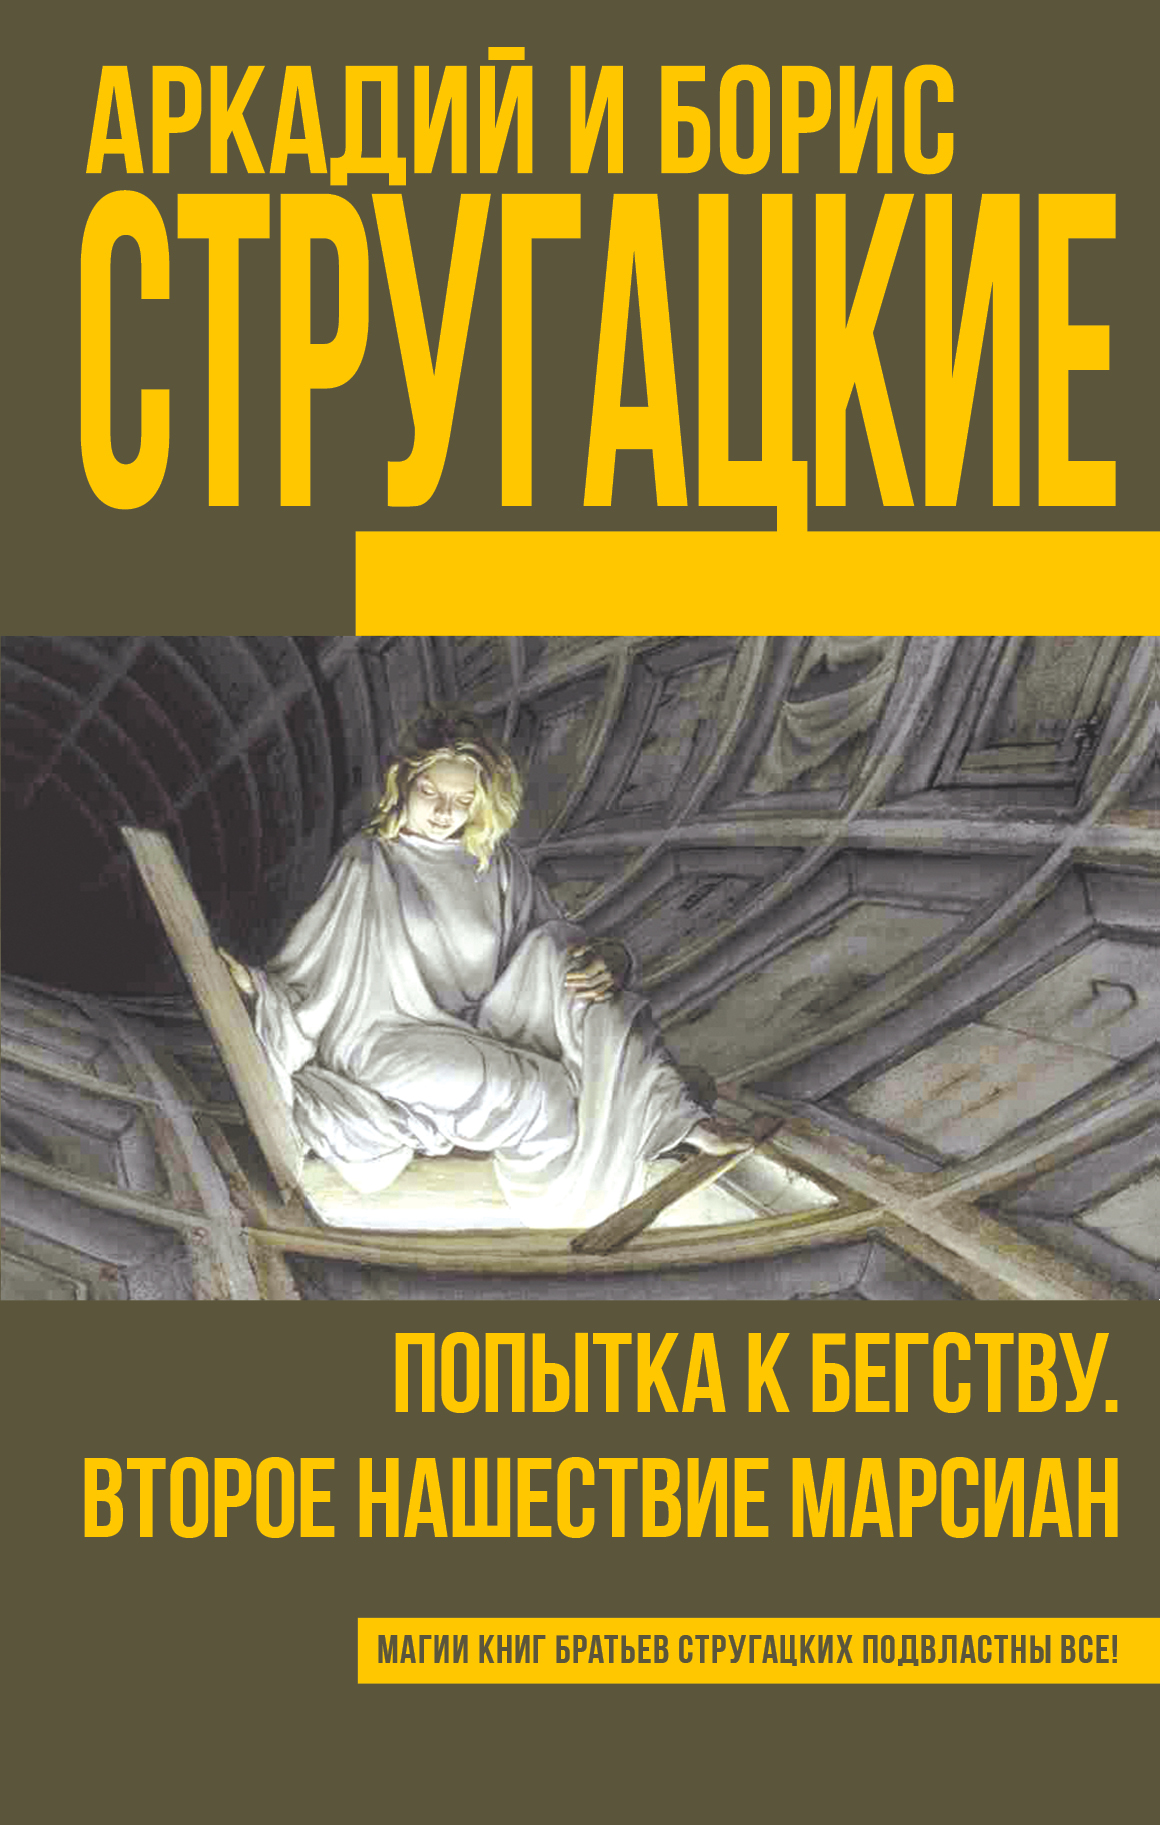 Купить Попытка к бегству. Второе нашествие марсиан, Борис Стругацкий, 978-5-17-097161-9